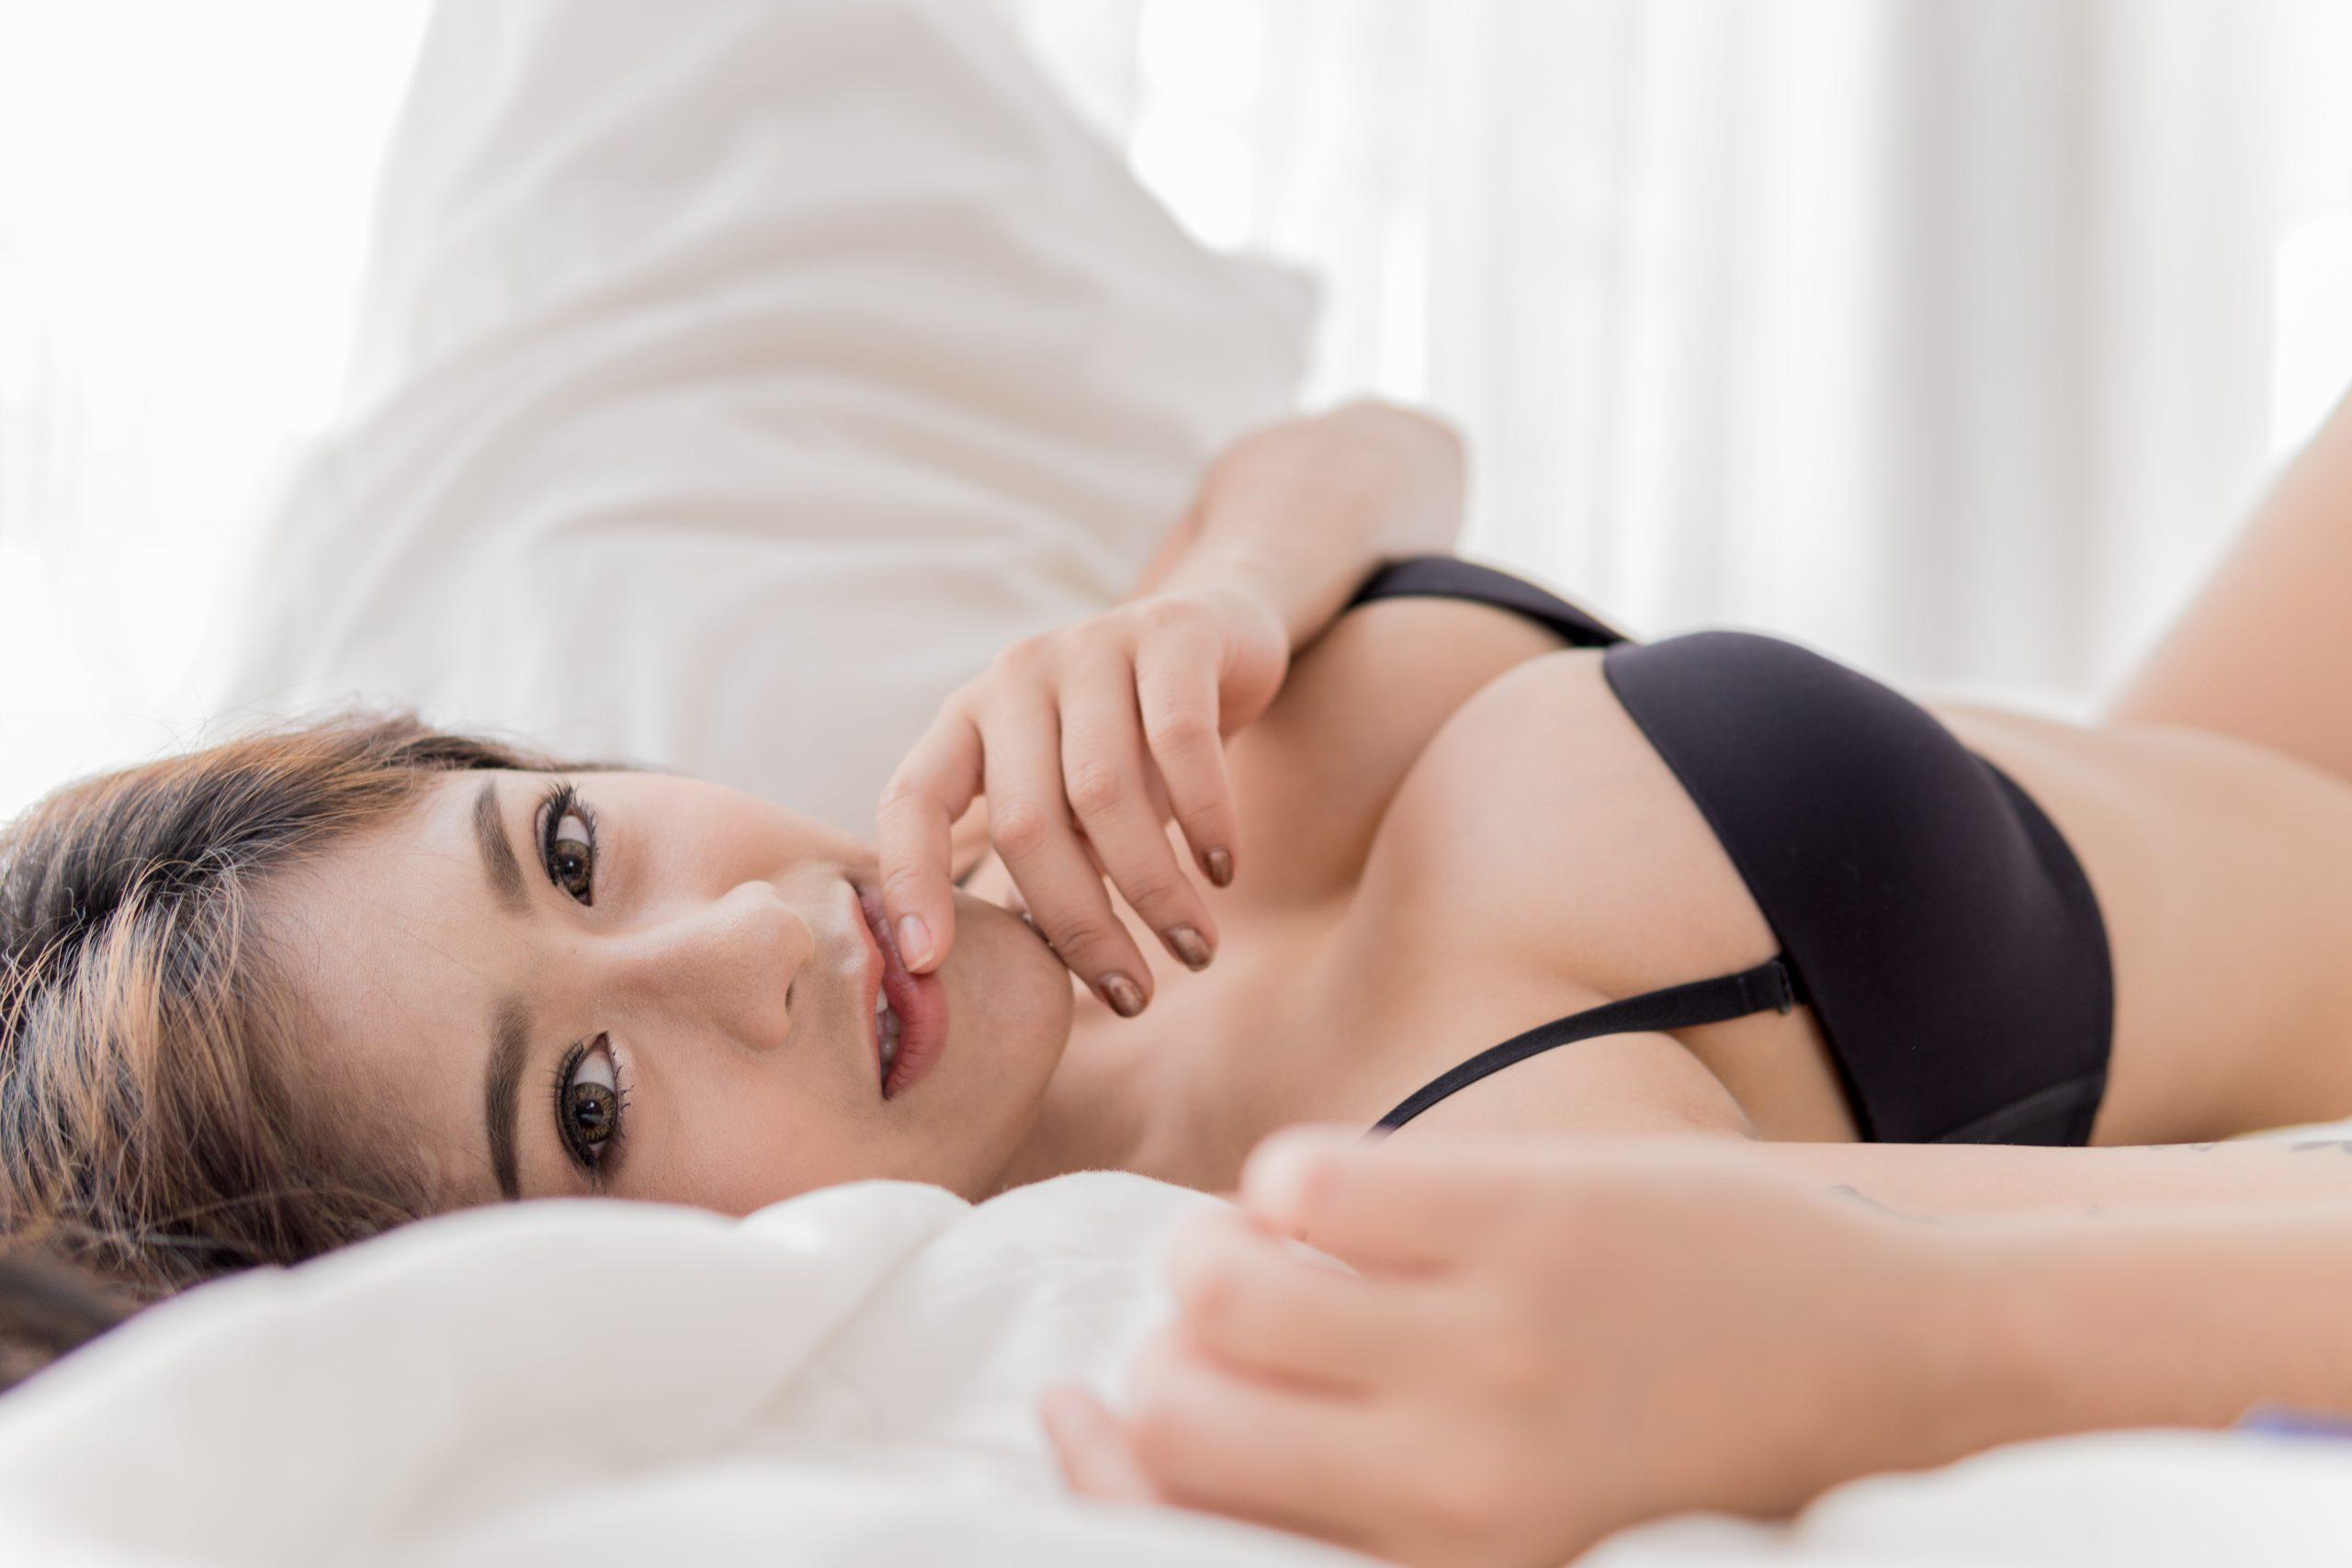 横浜エレナに登録している女性のイメージ